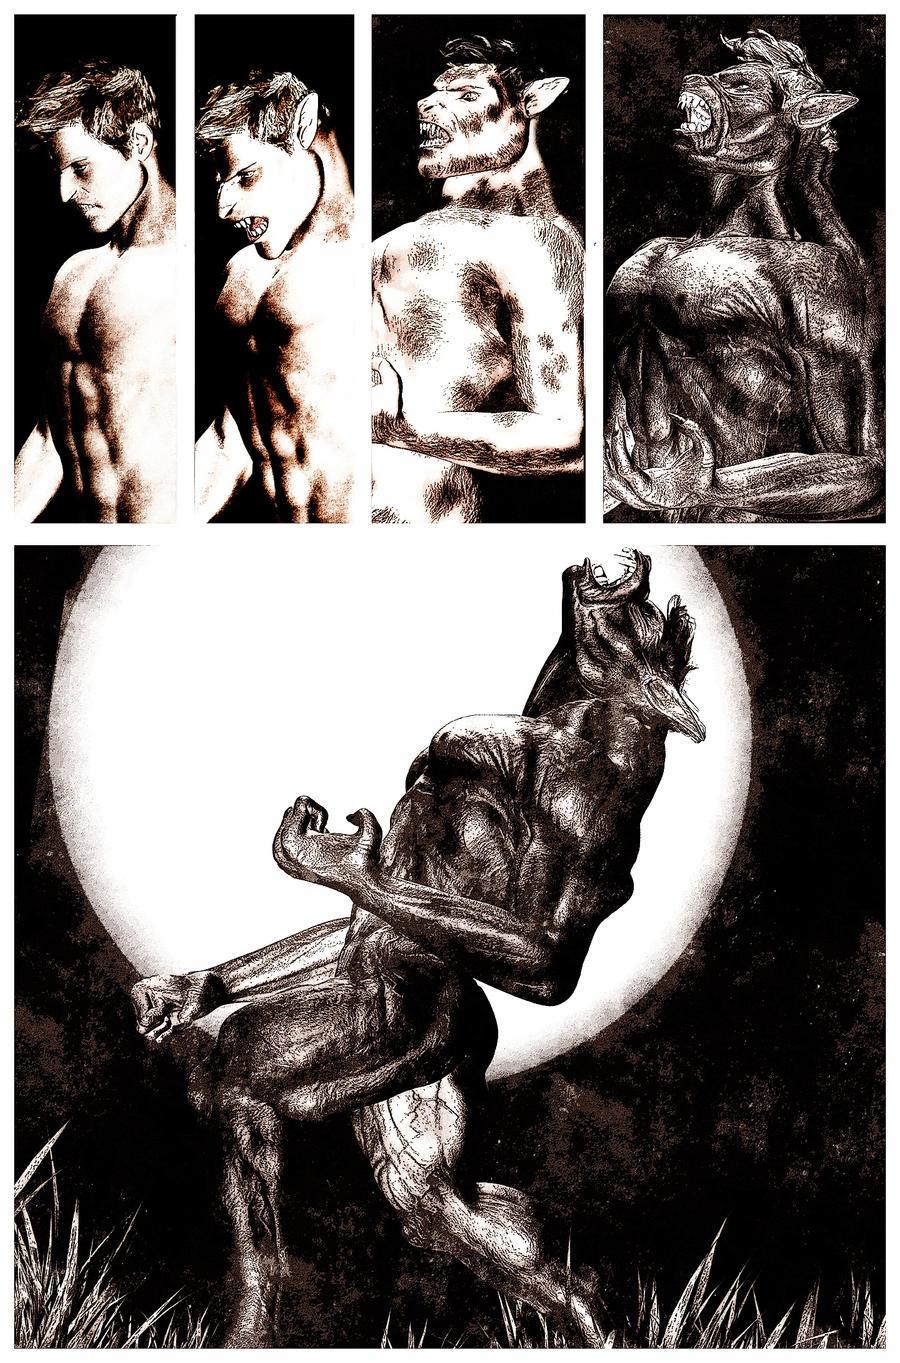 Werewolf Transformation Stories   LoveToKnow